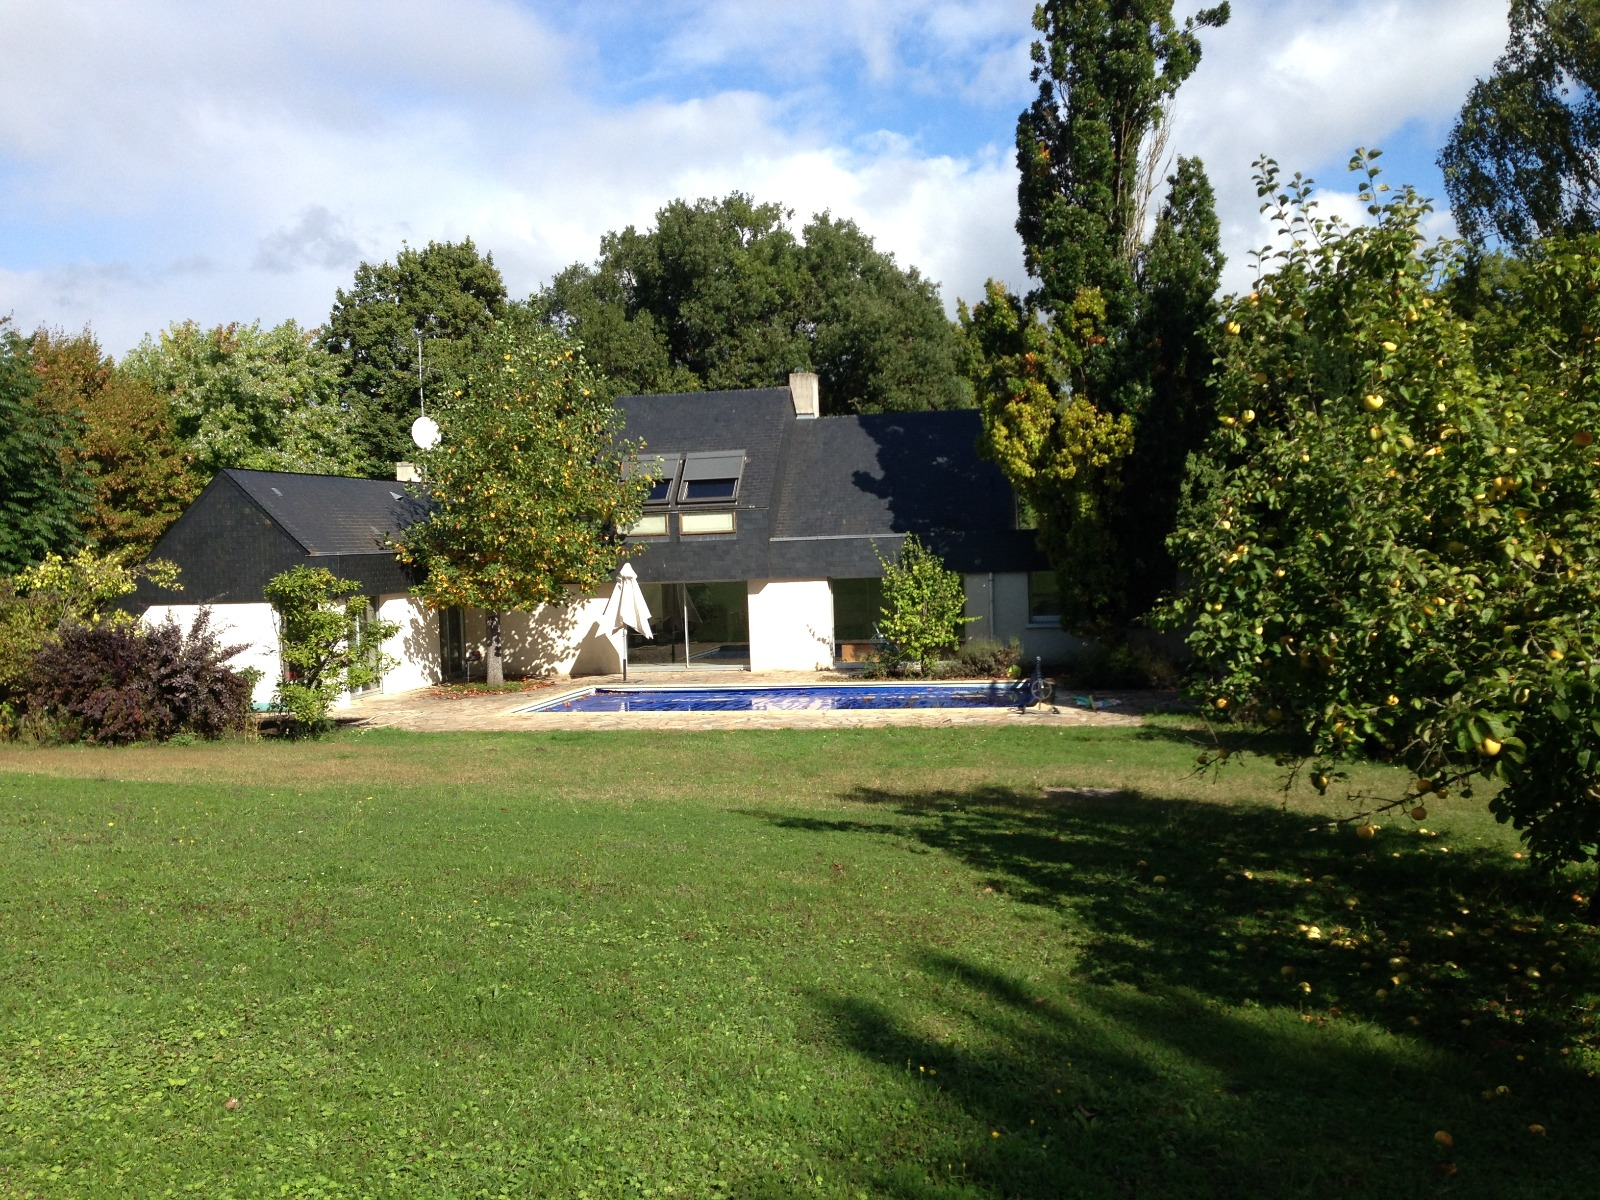 Maison avec piscine et tennis sur 20 000 m - Hotel avec piscine seine et marne ...